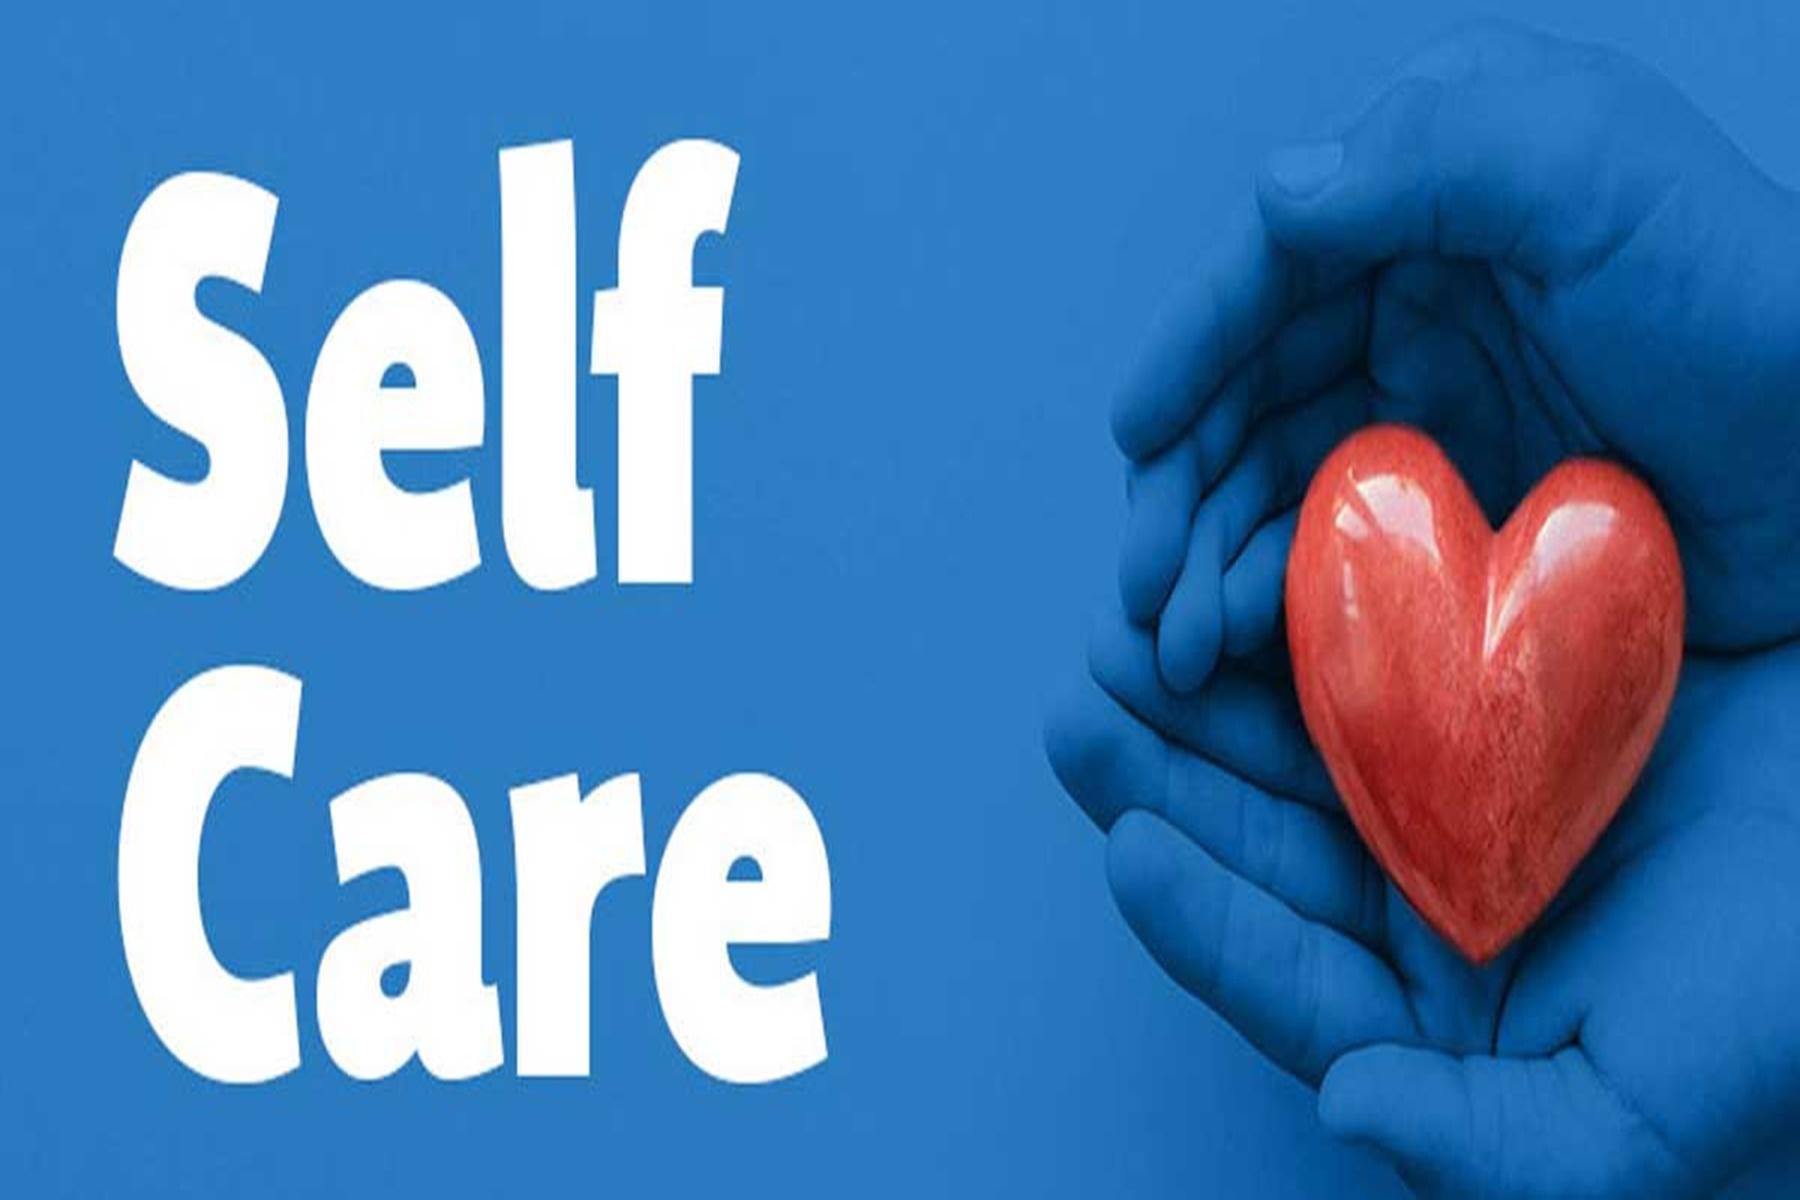 Αυτοφροντίδα : Θρέψε την ψυχή και το σώμα σου